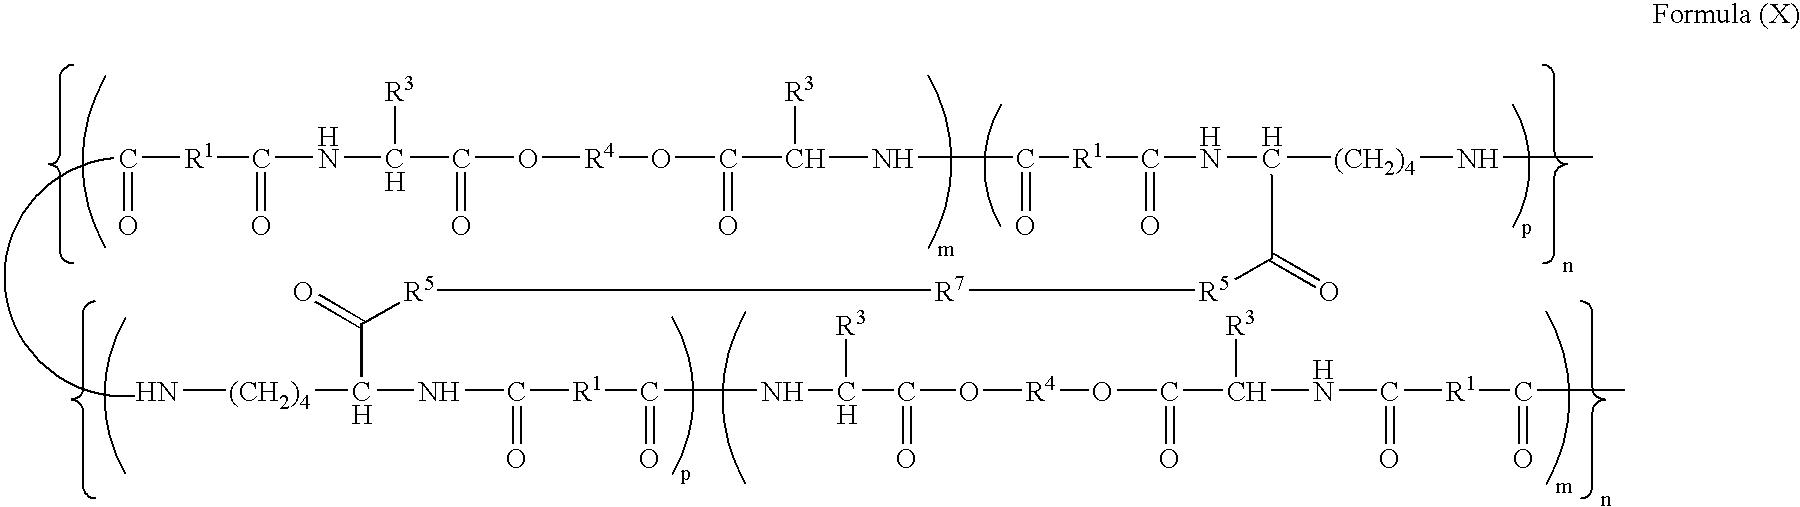 Figure US20070292476A1-20071220-C00012